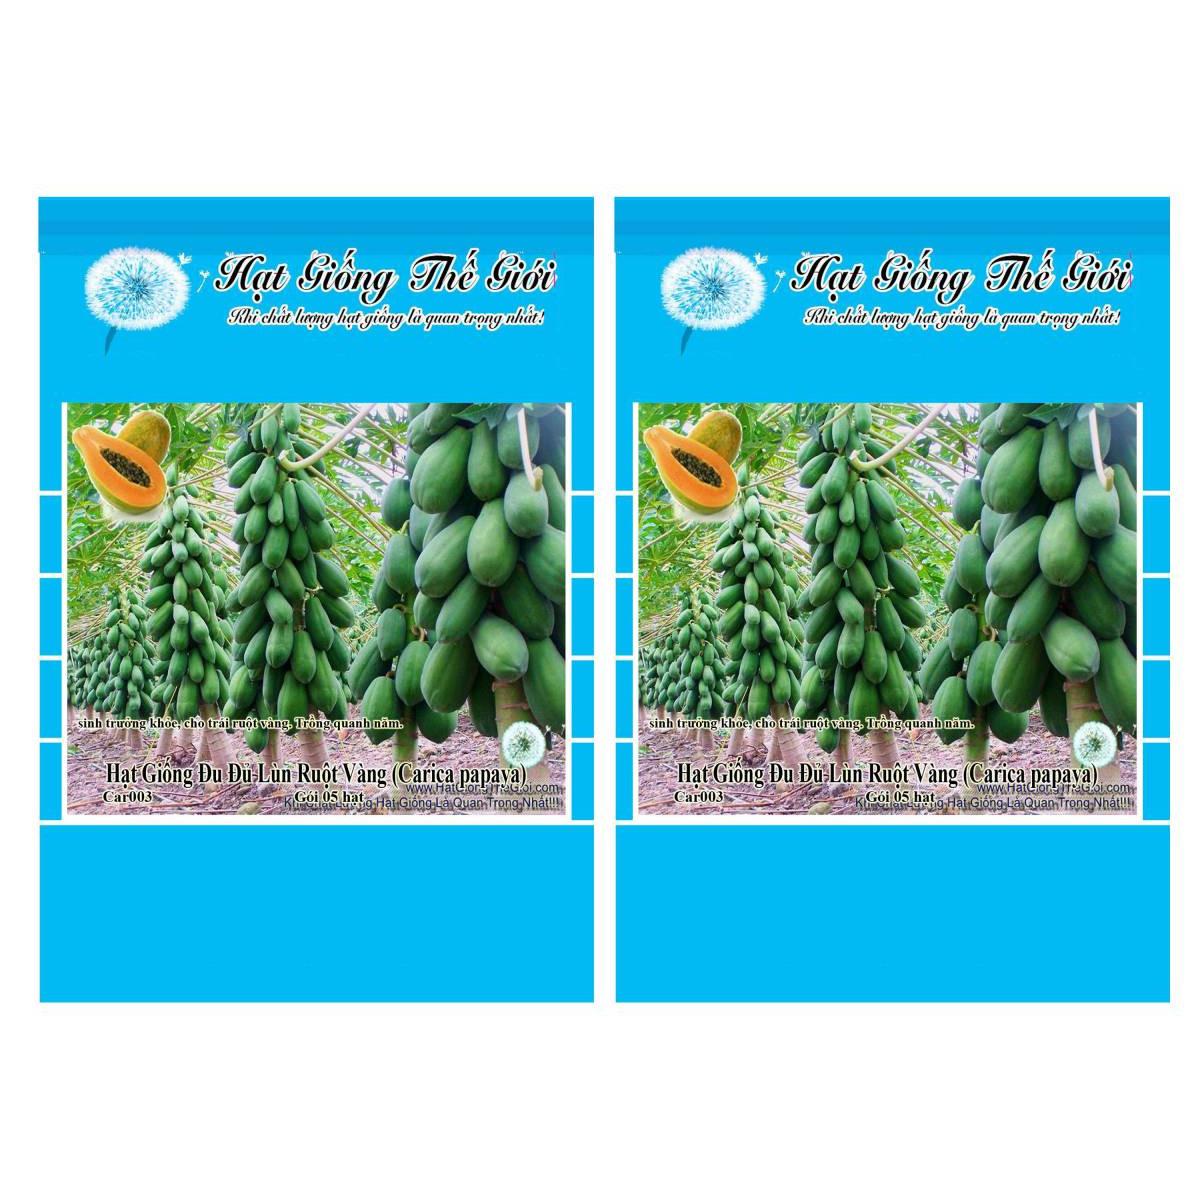 Bộ 2 Gói Hạt Giống Đu Đủ Lùn Ruột Vàng (Carica papaya) 5h